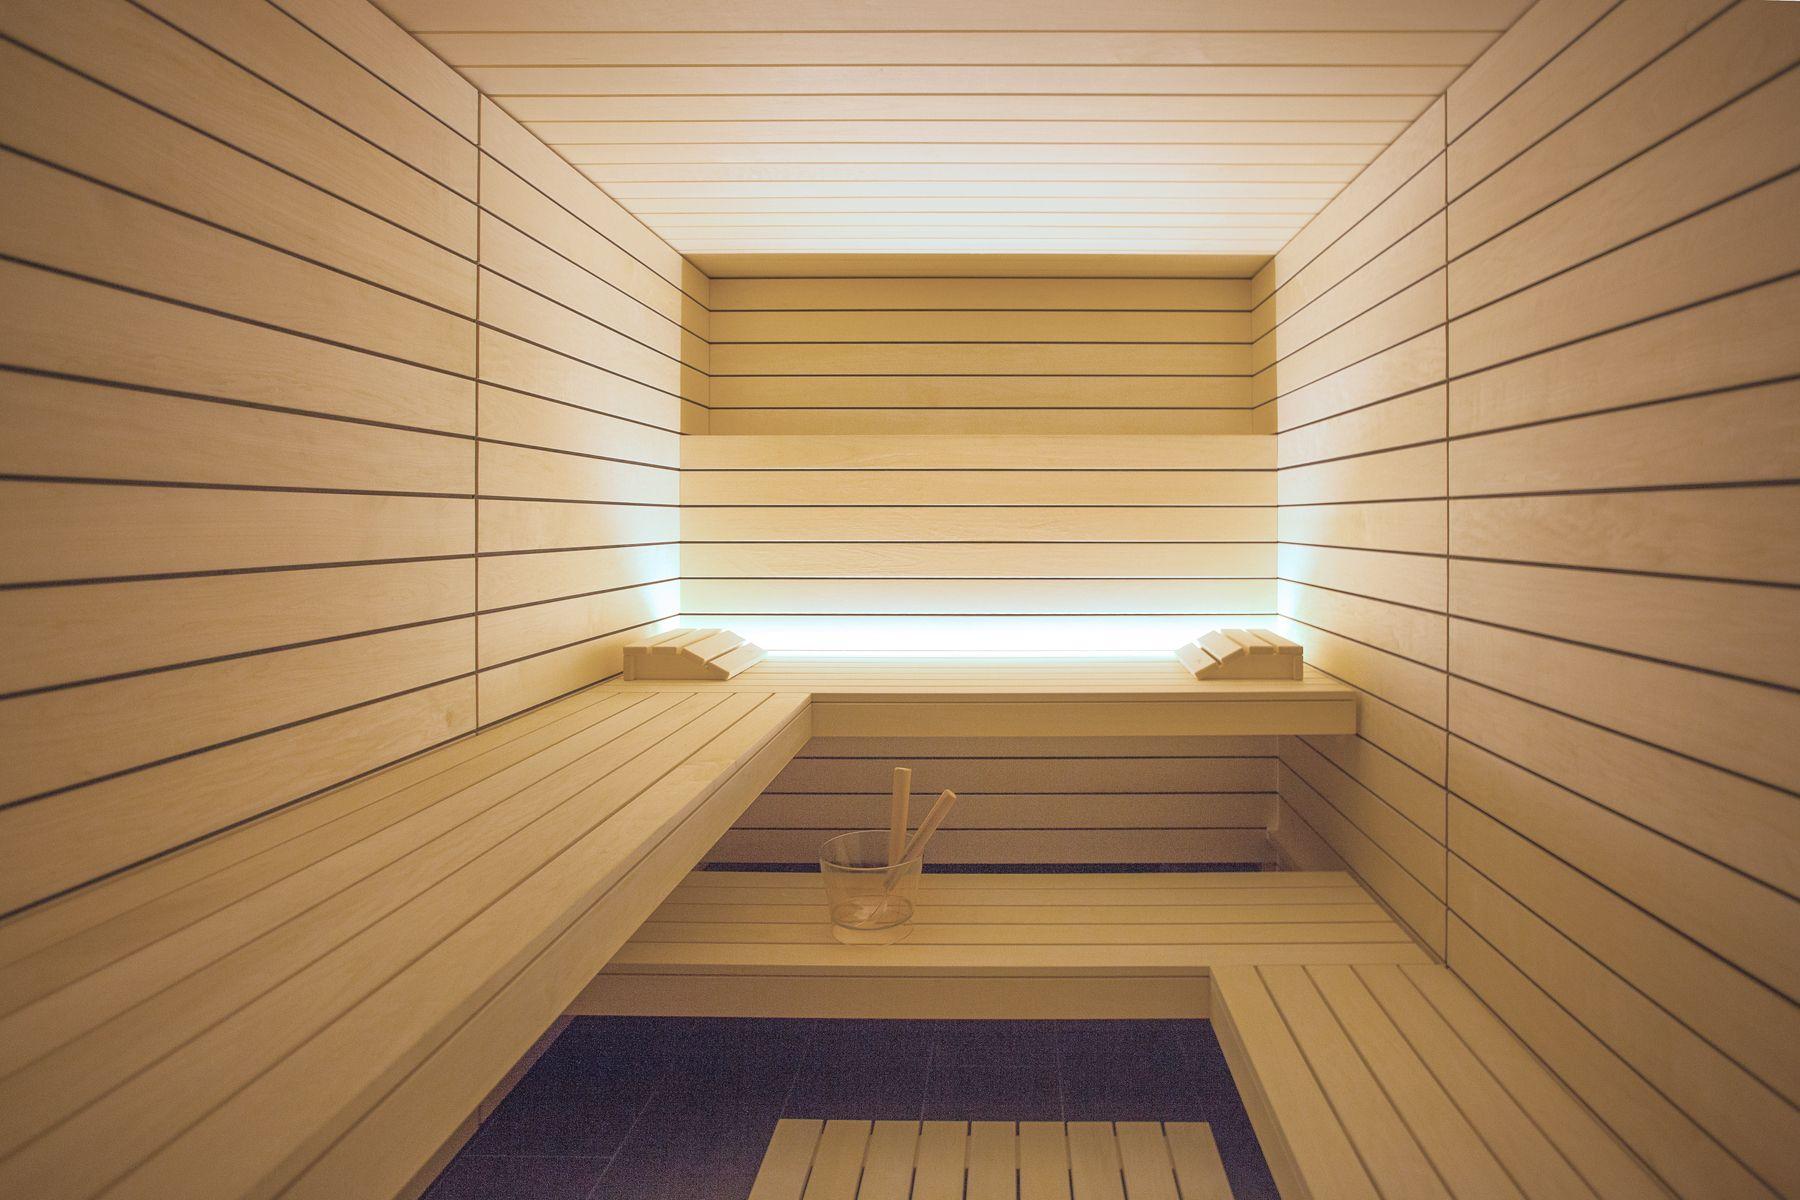 Stylishe Designsauna Mit Klaren Linien Effektvoll In Szene Gesetzt Durch Die Indirekte Beleuchtung Diy Sauna Wohnen Sauna